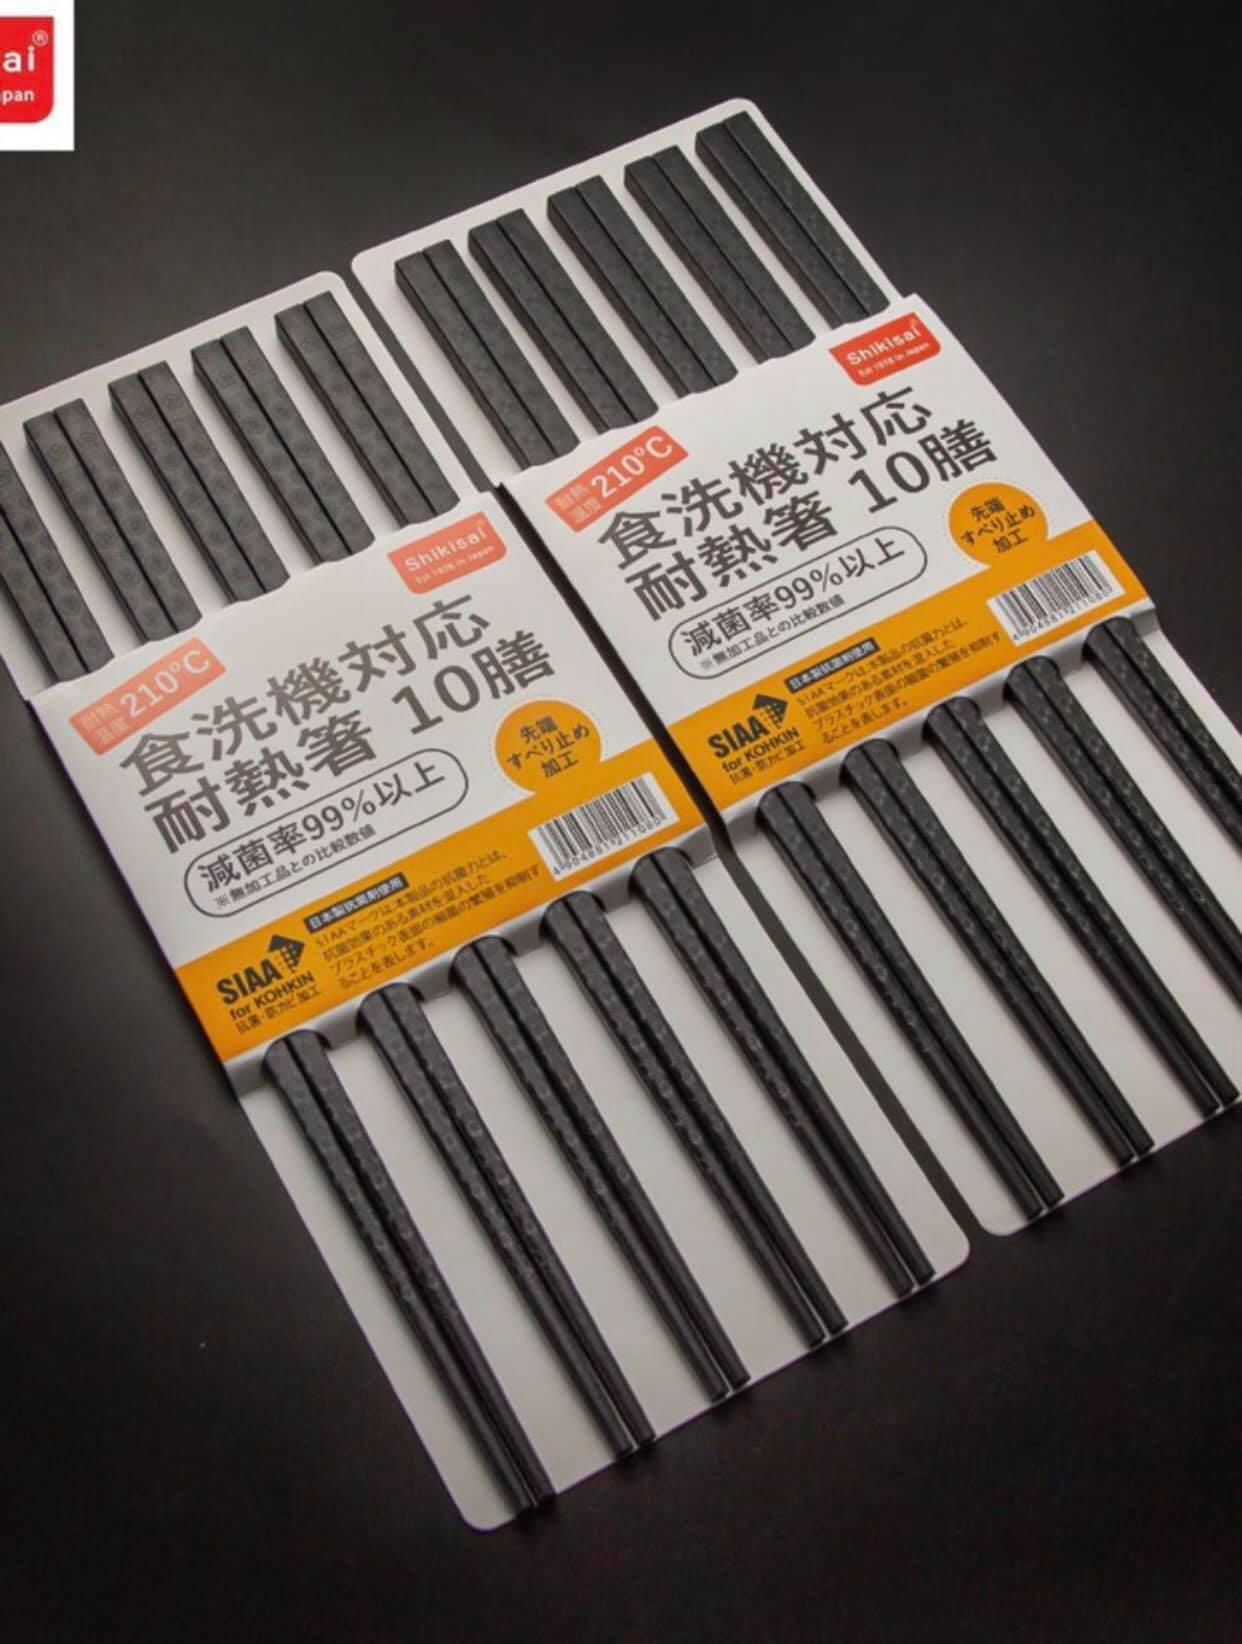 Set 10 đôi đũa sợi thủy tinh kháng khuẩn hình hoa cúc- Hàng Nhật nội địa